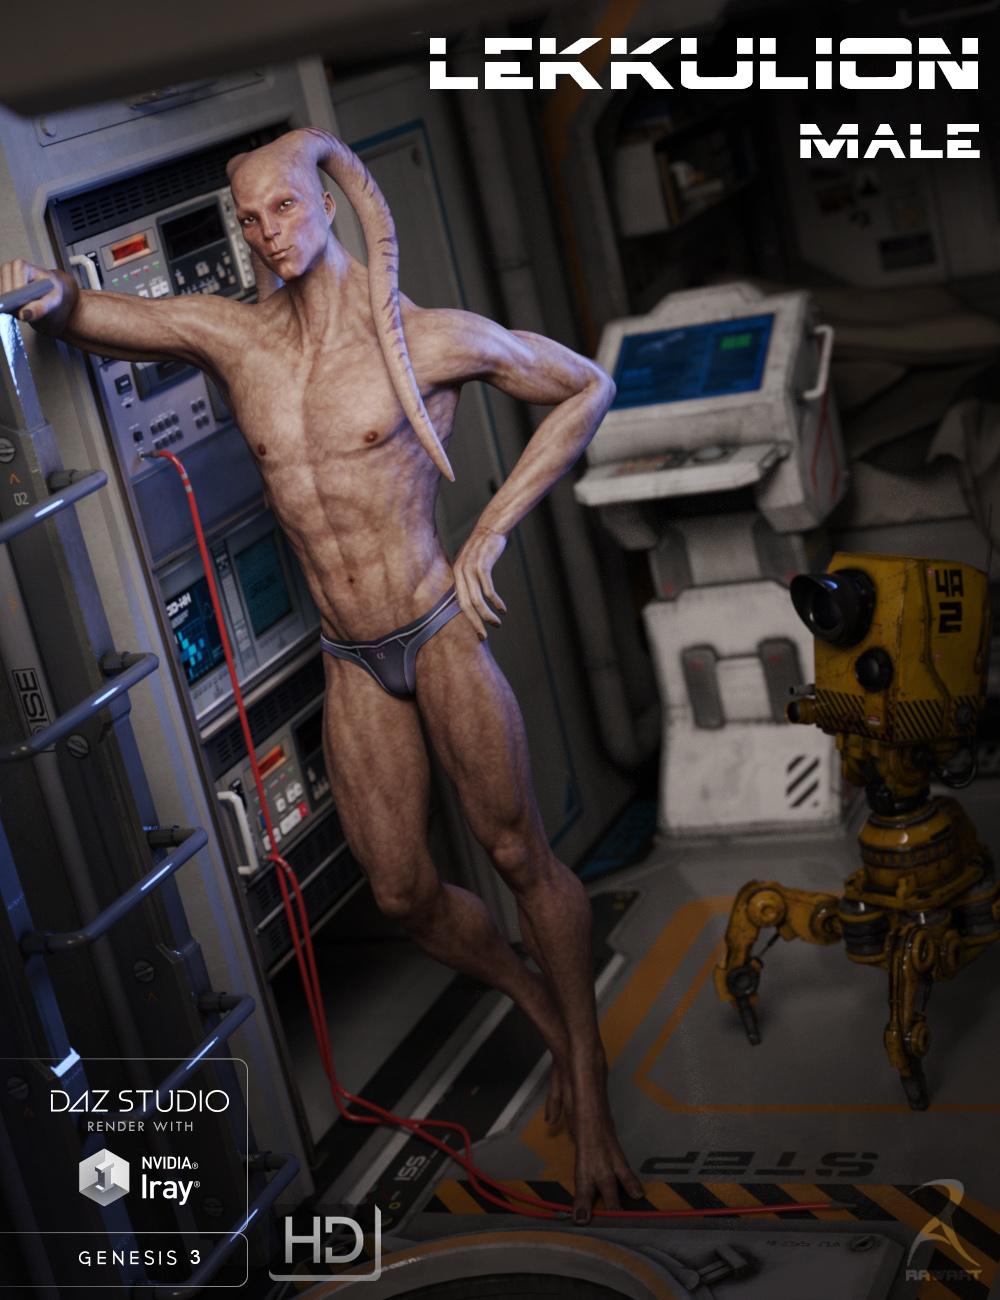 Lekkulion for Genesis 3 Male by: RawArt, 3D Models by Daz 3D